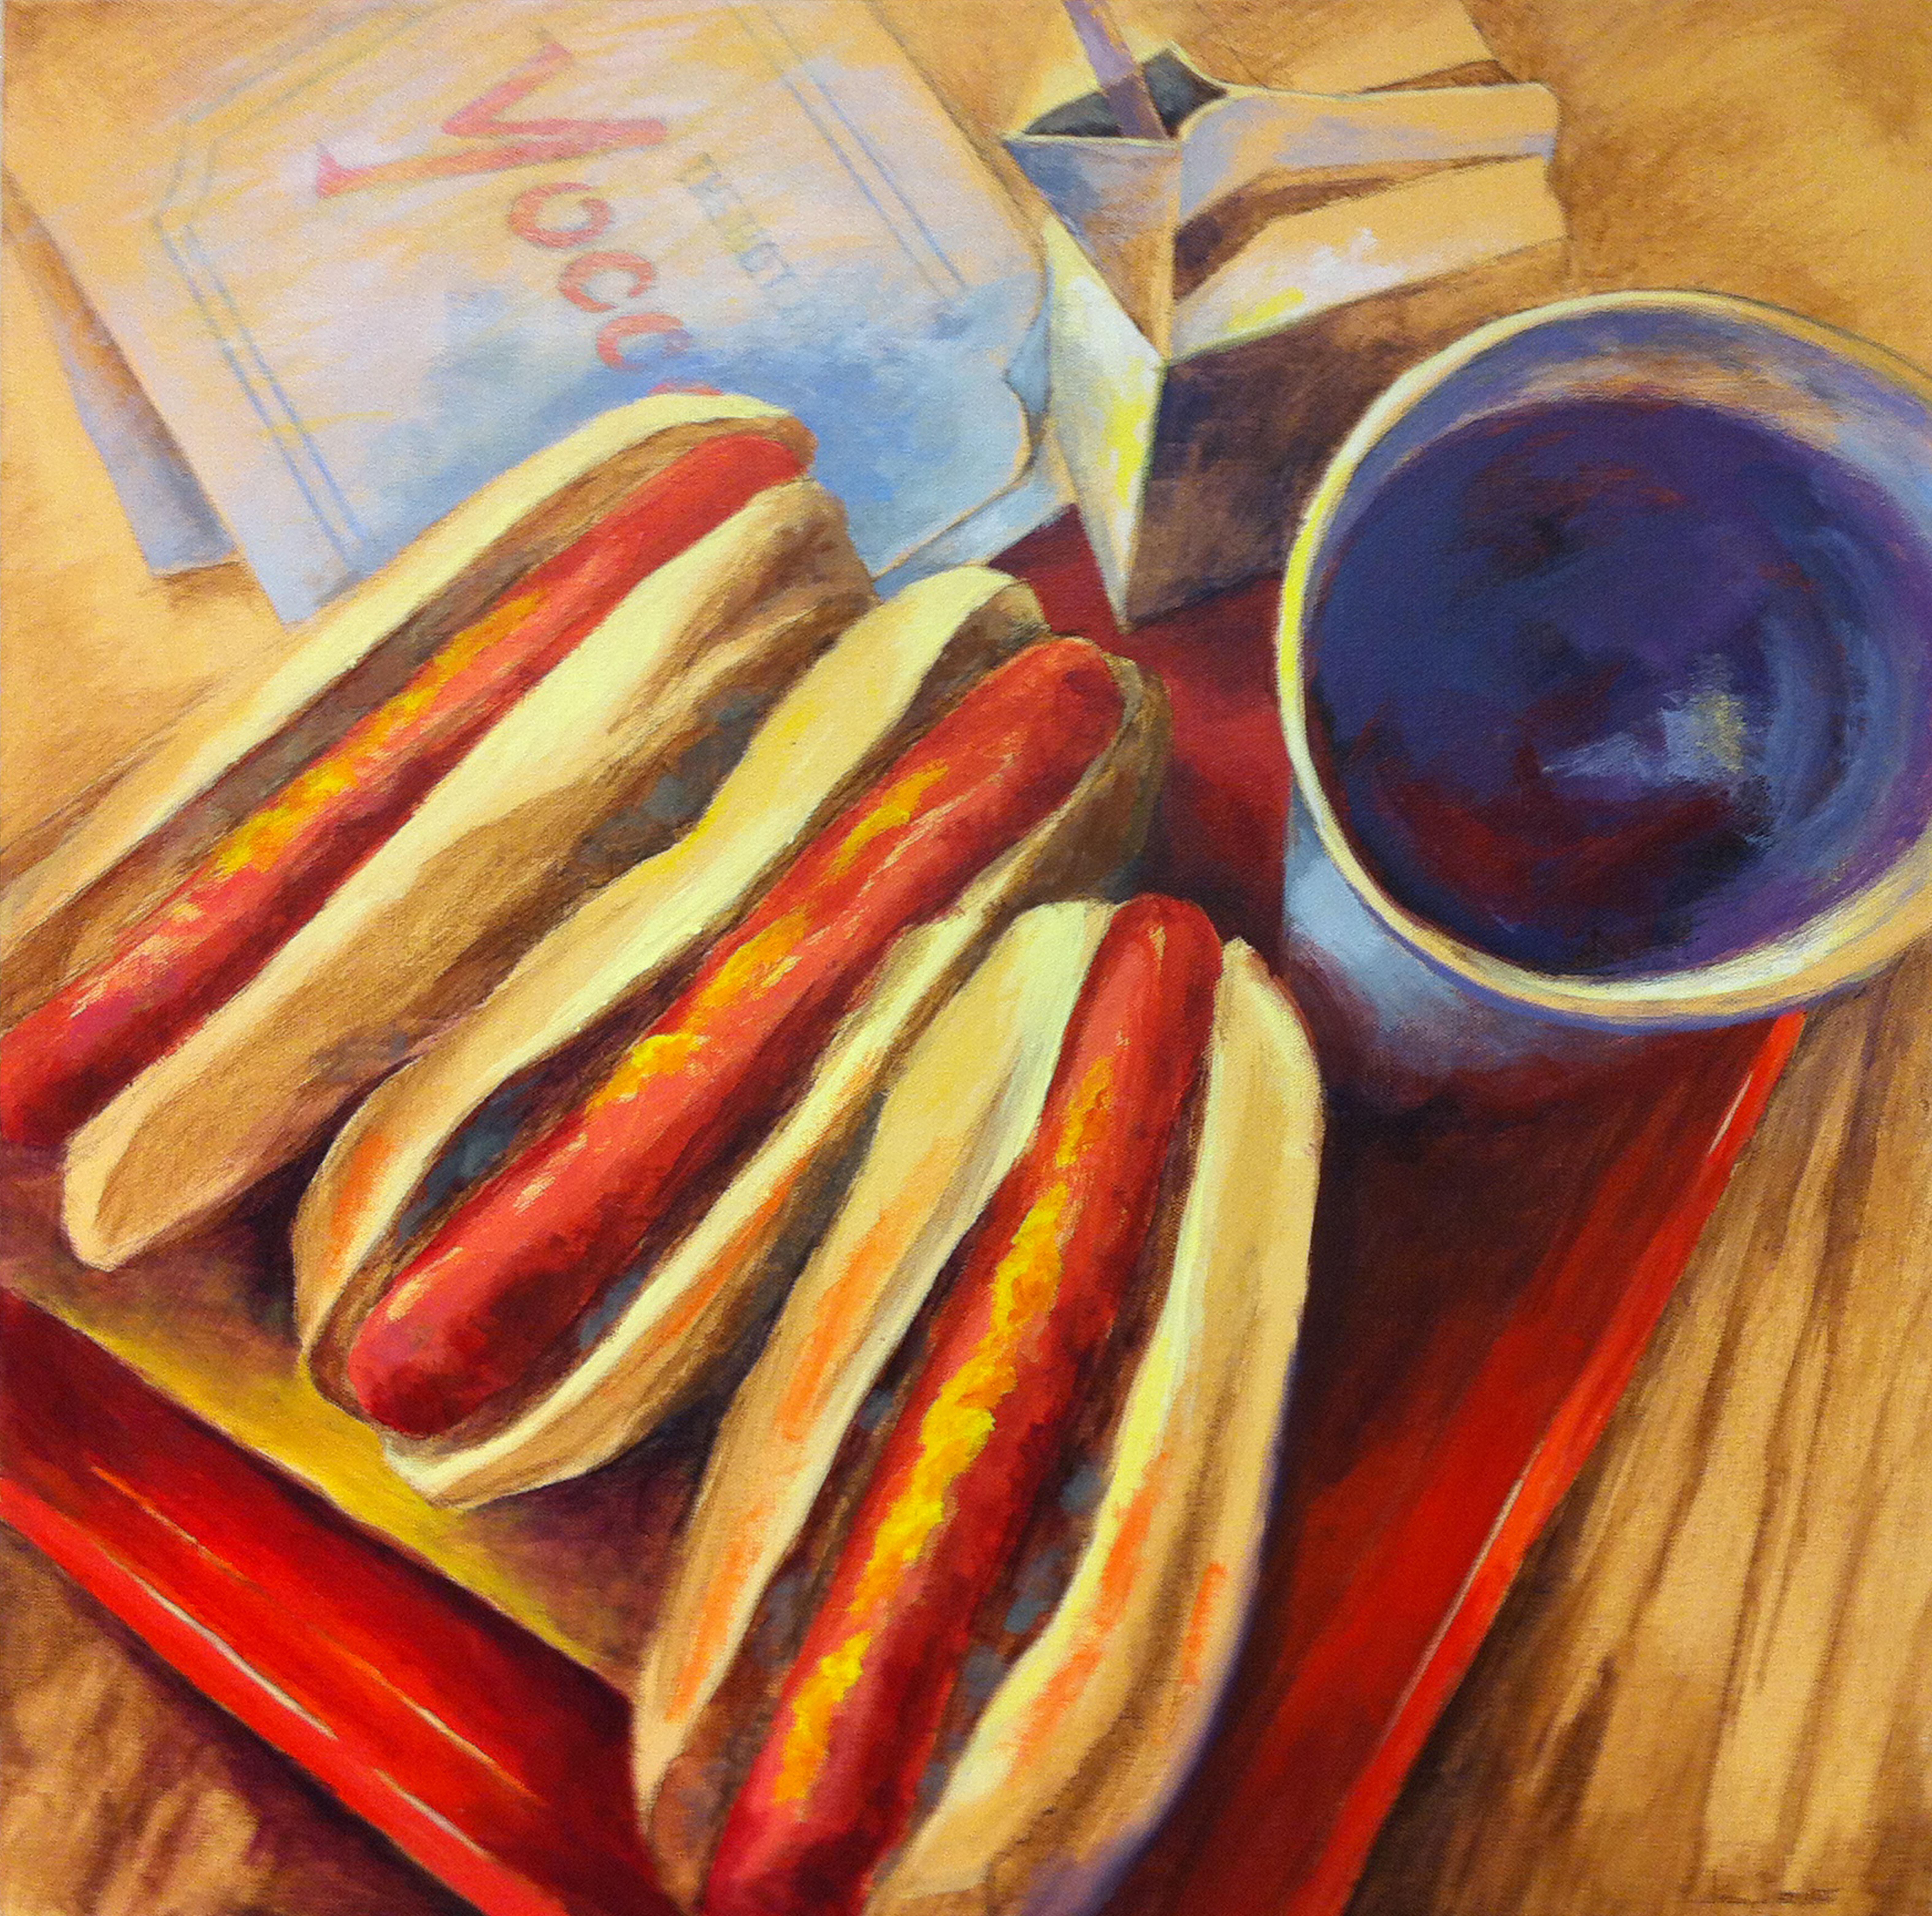 food-painting-hap-dan-day-me-hoac-06